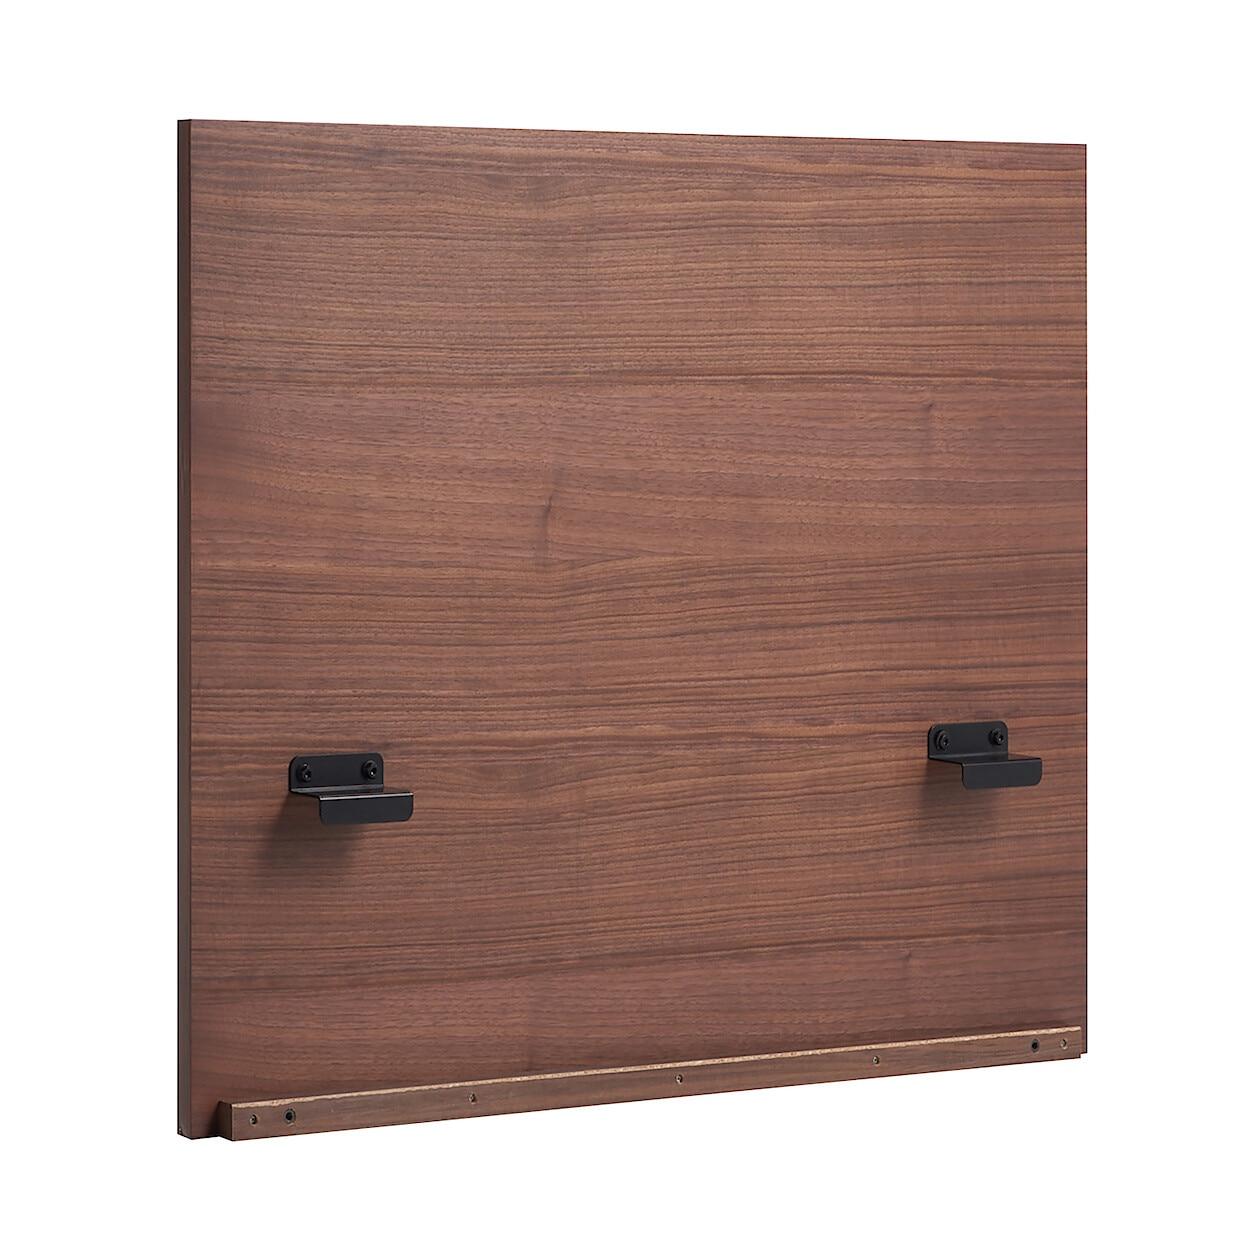 収納ベッド用ヘッドボード・スモール・ウォールナット材